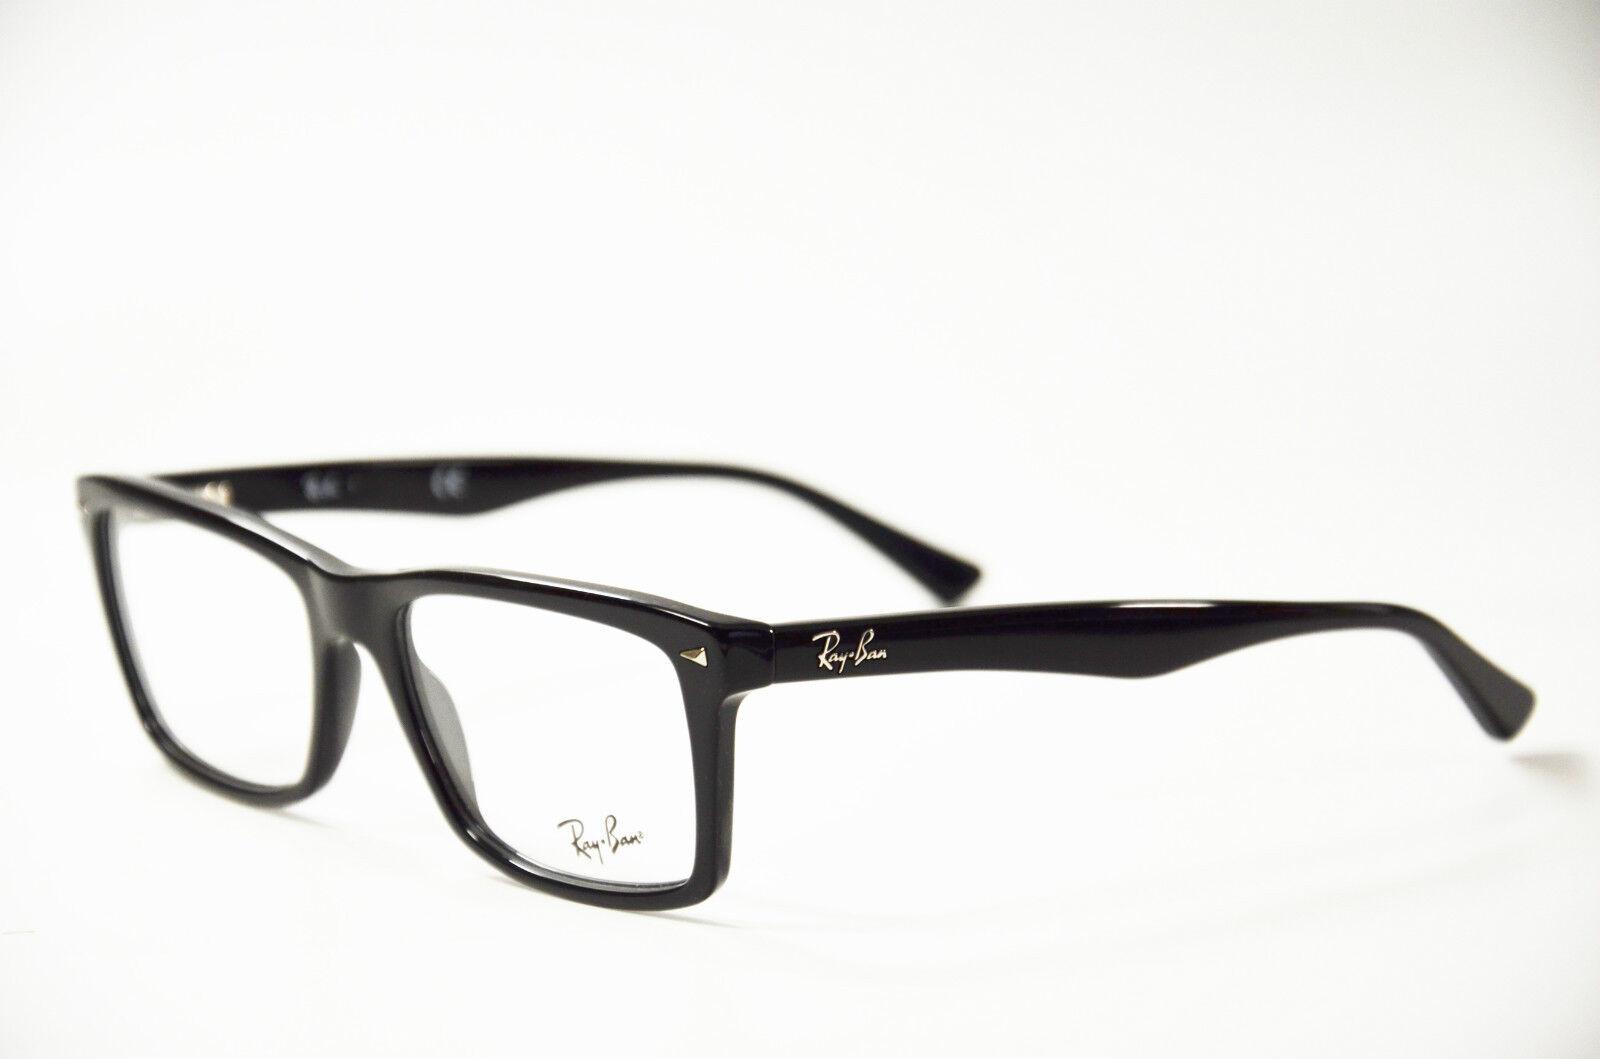 Ray Ban Ersatzbrille 5287 2000 Brille Unisex Kunststoff von -1,0 bis -6,0 Neu